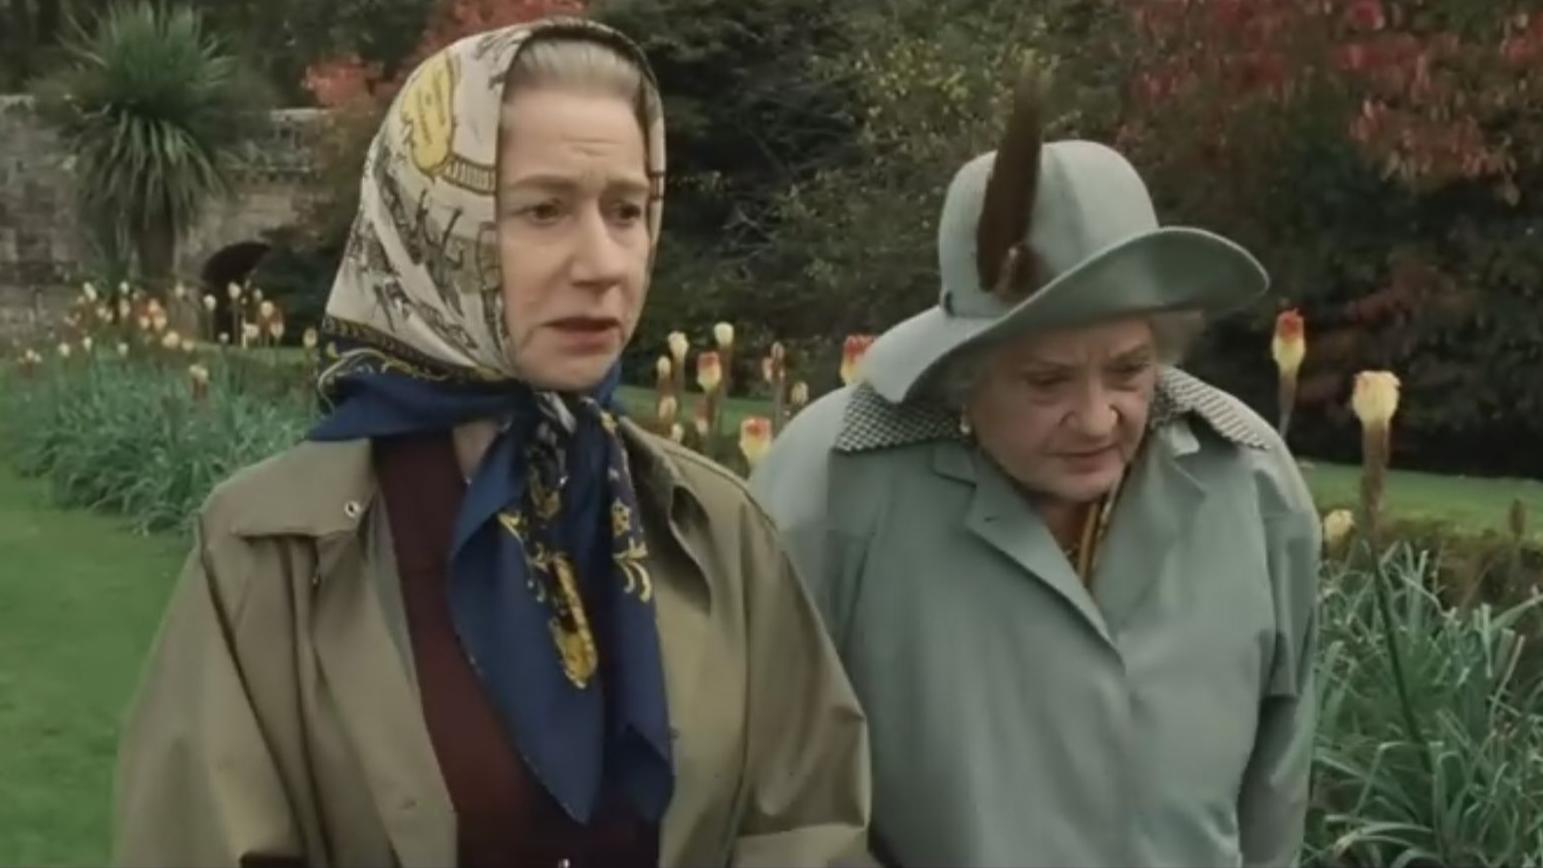 戴安娜王妃逝世,女王不闻不问,王室终于迎来信任危机!传记电影